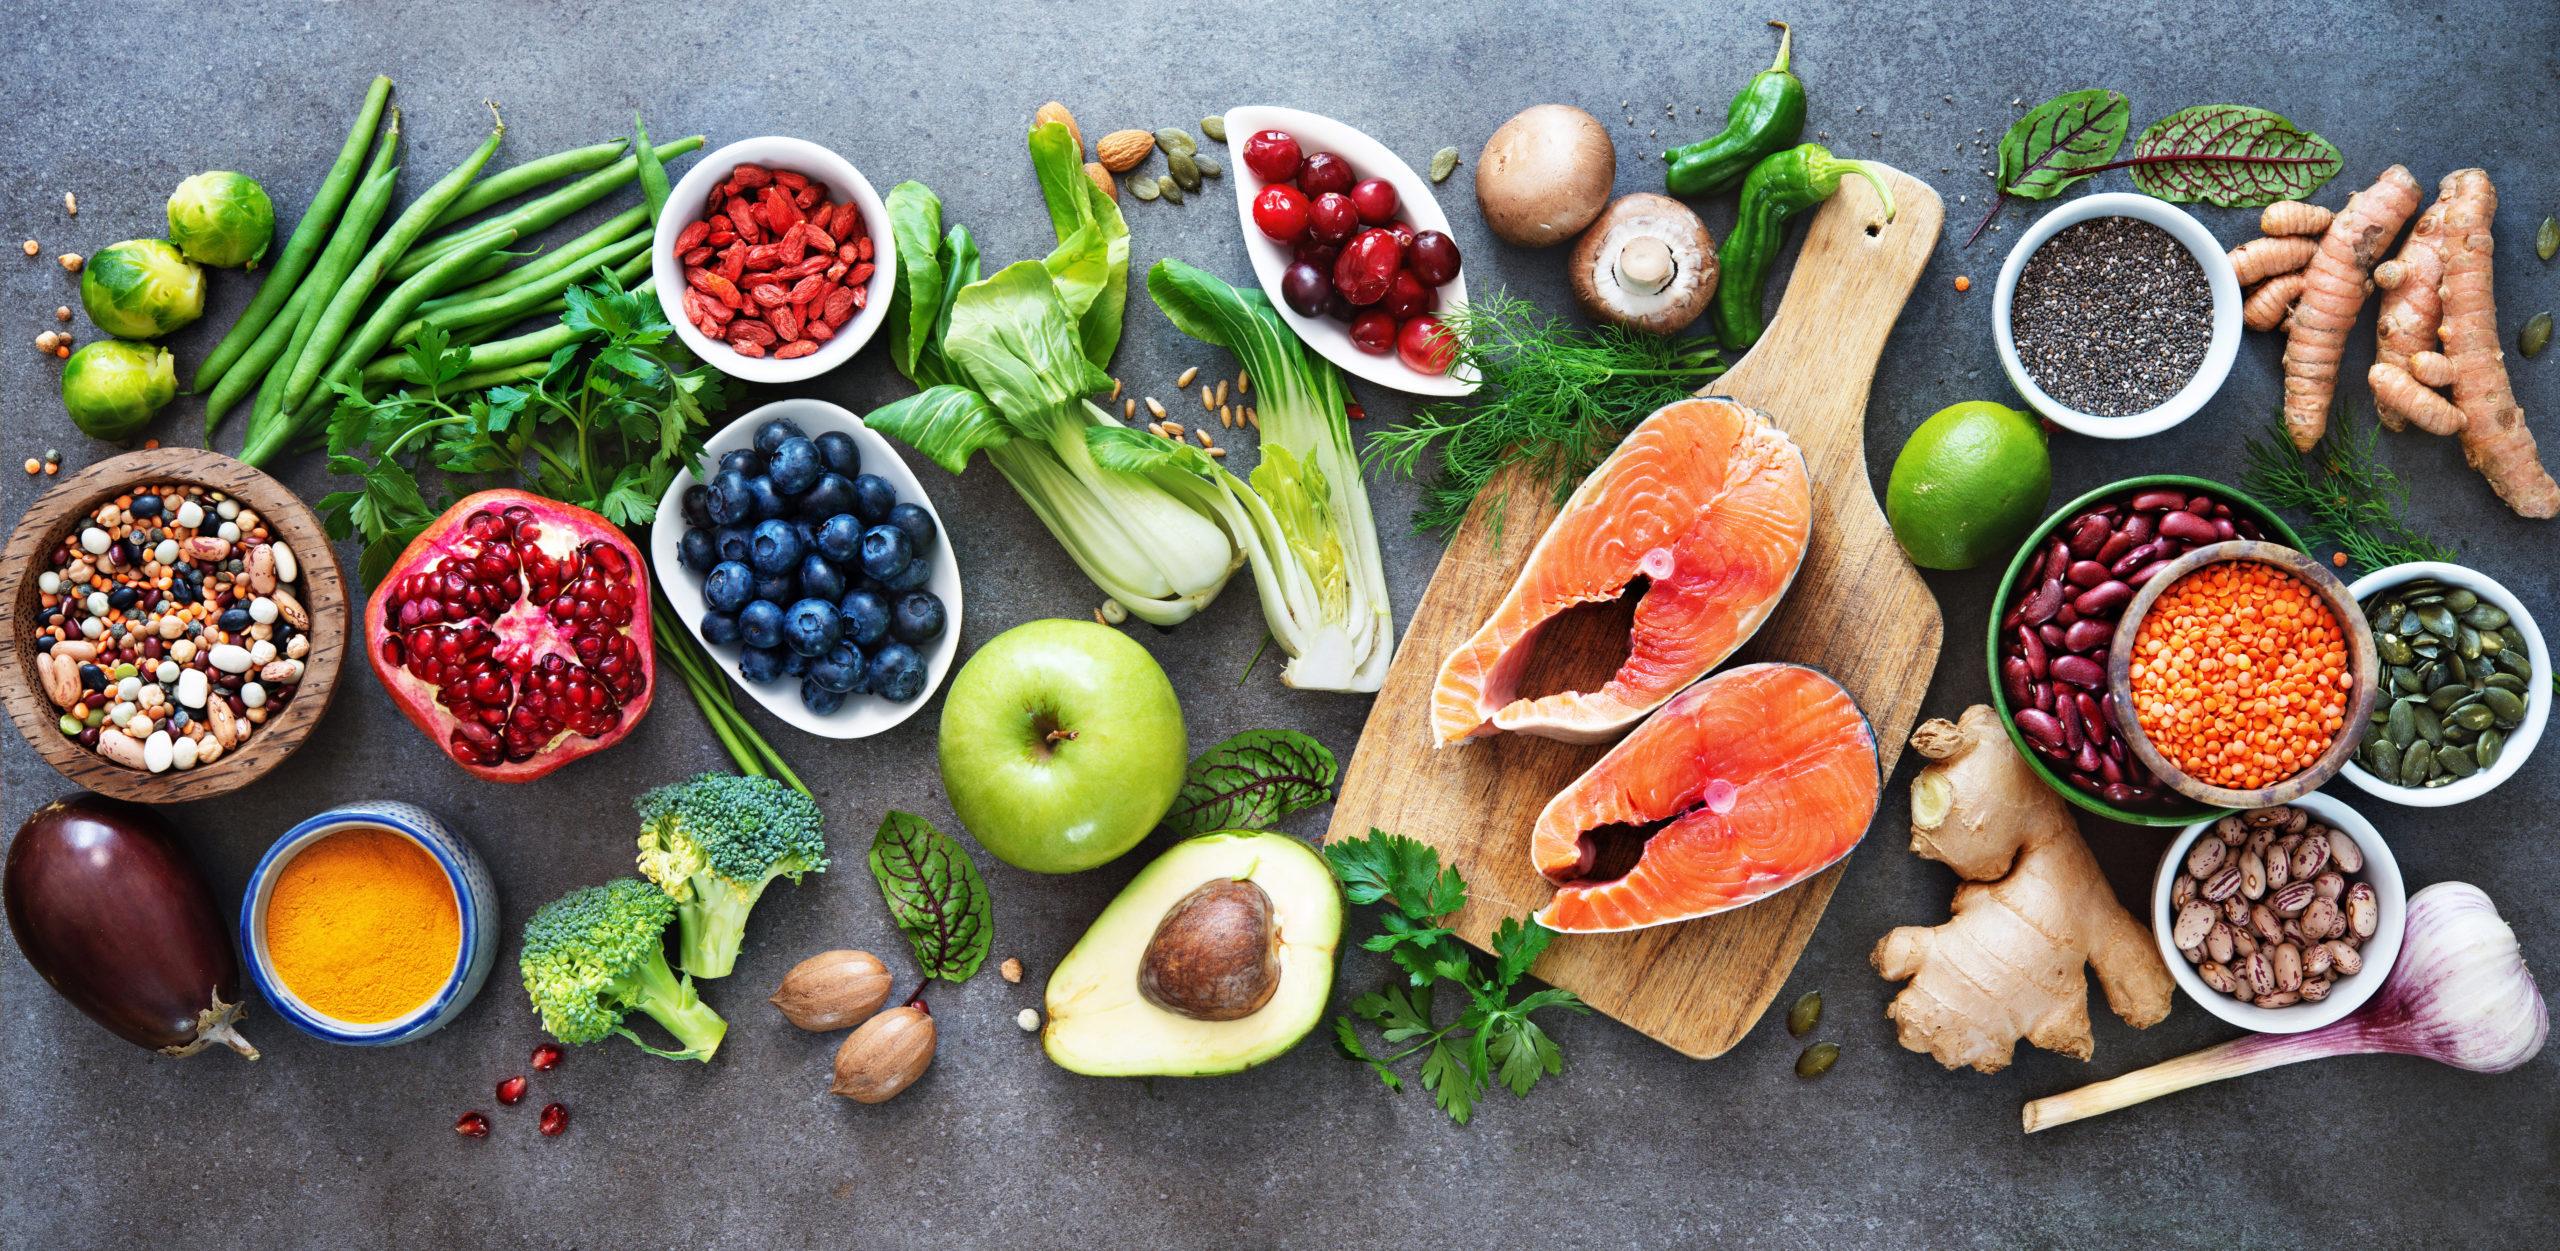 Ernährung nach Anthony William - Obst und Gemüse - Martin Kiesenhofer Mondsee/Salzburg, Dipl. Lebens- u. Sozialberater, Beratung & Coaching, bewusst.gesund.sein